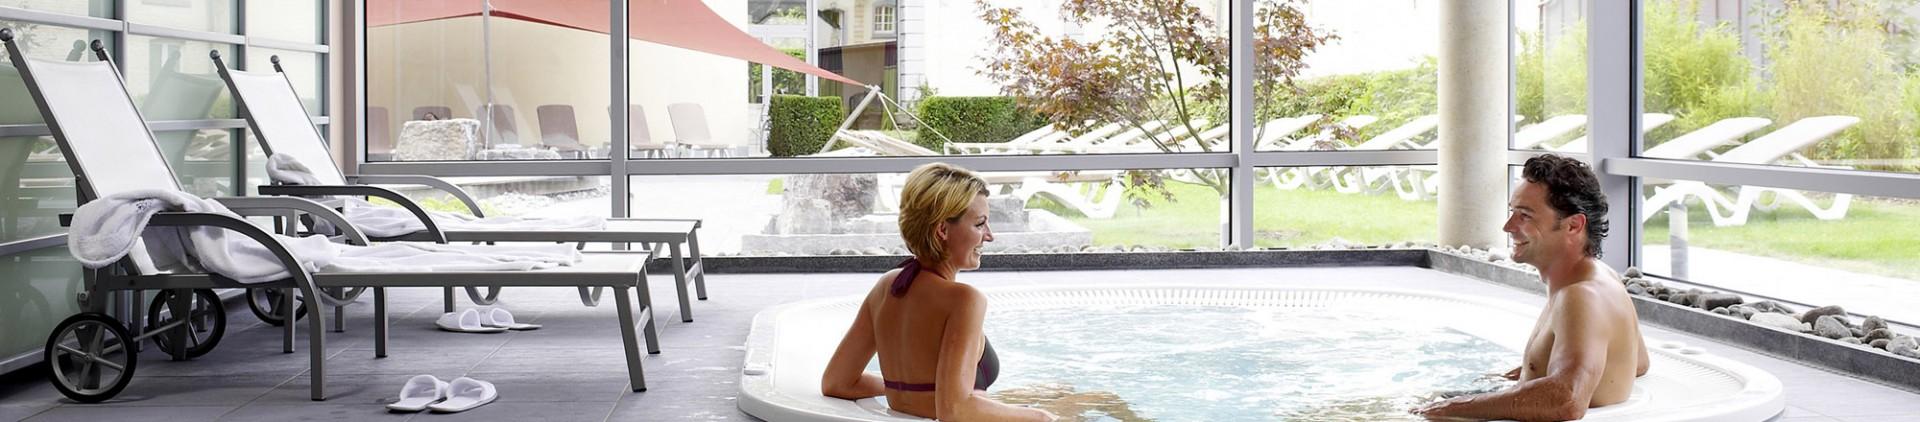 7 tips voor plekken waar je kunt overwinteren in badpak